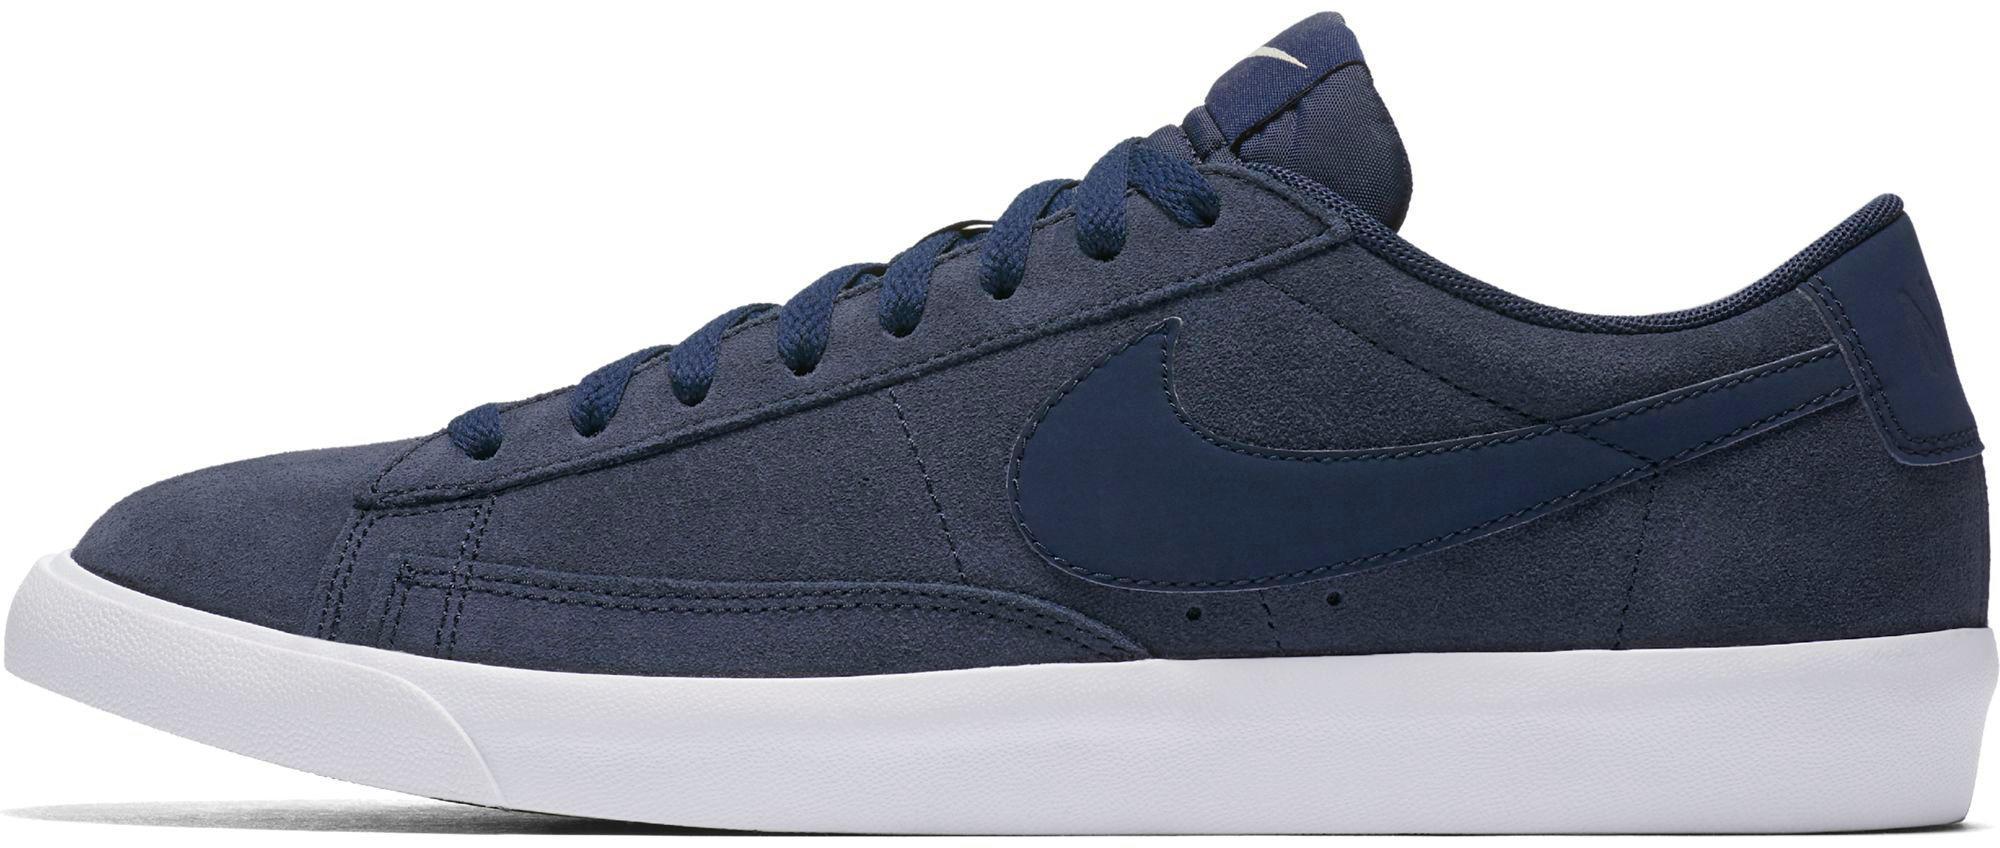 Nike Nike Nike BLAZER Turnschuhe Herren desert ochre-desert ochre im Online Shop von SportScheck kaufen Gute Qualität beliebte Schuhe f7209a